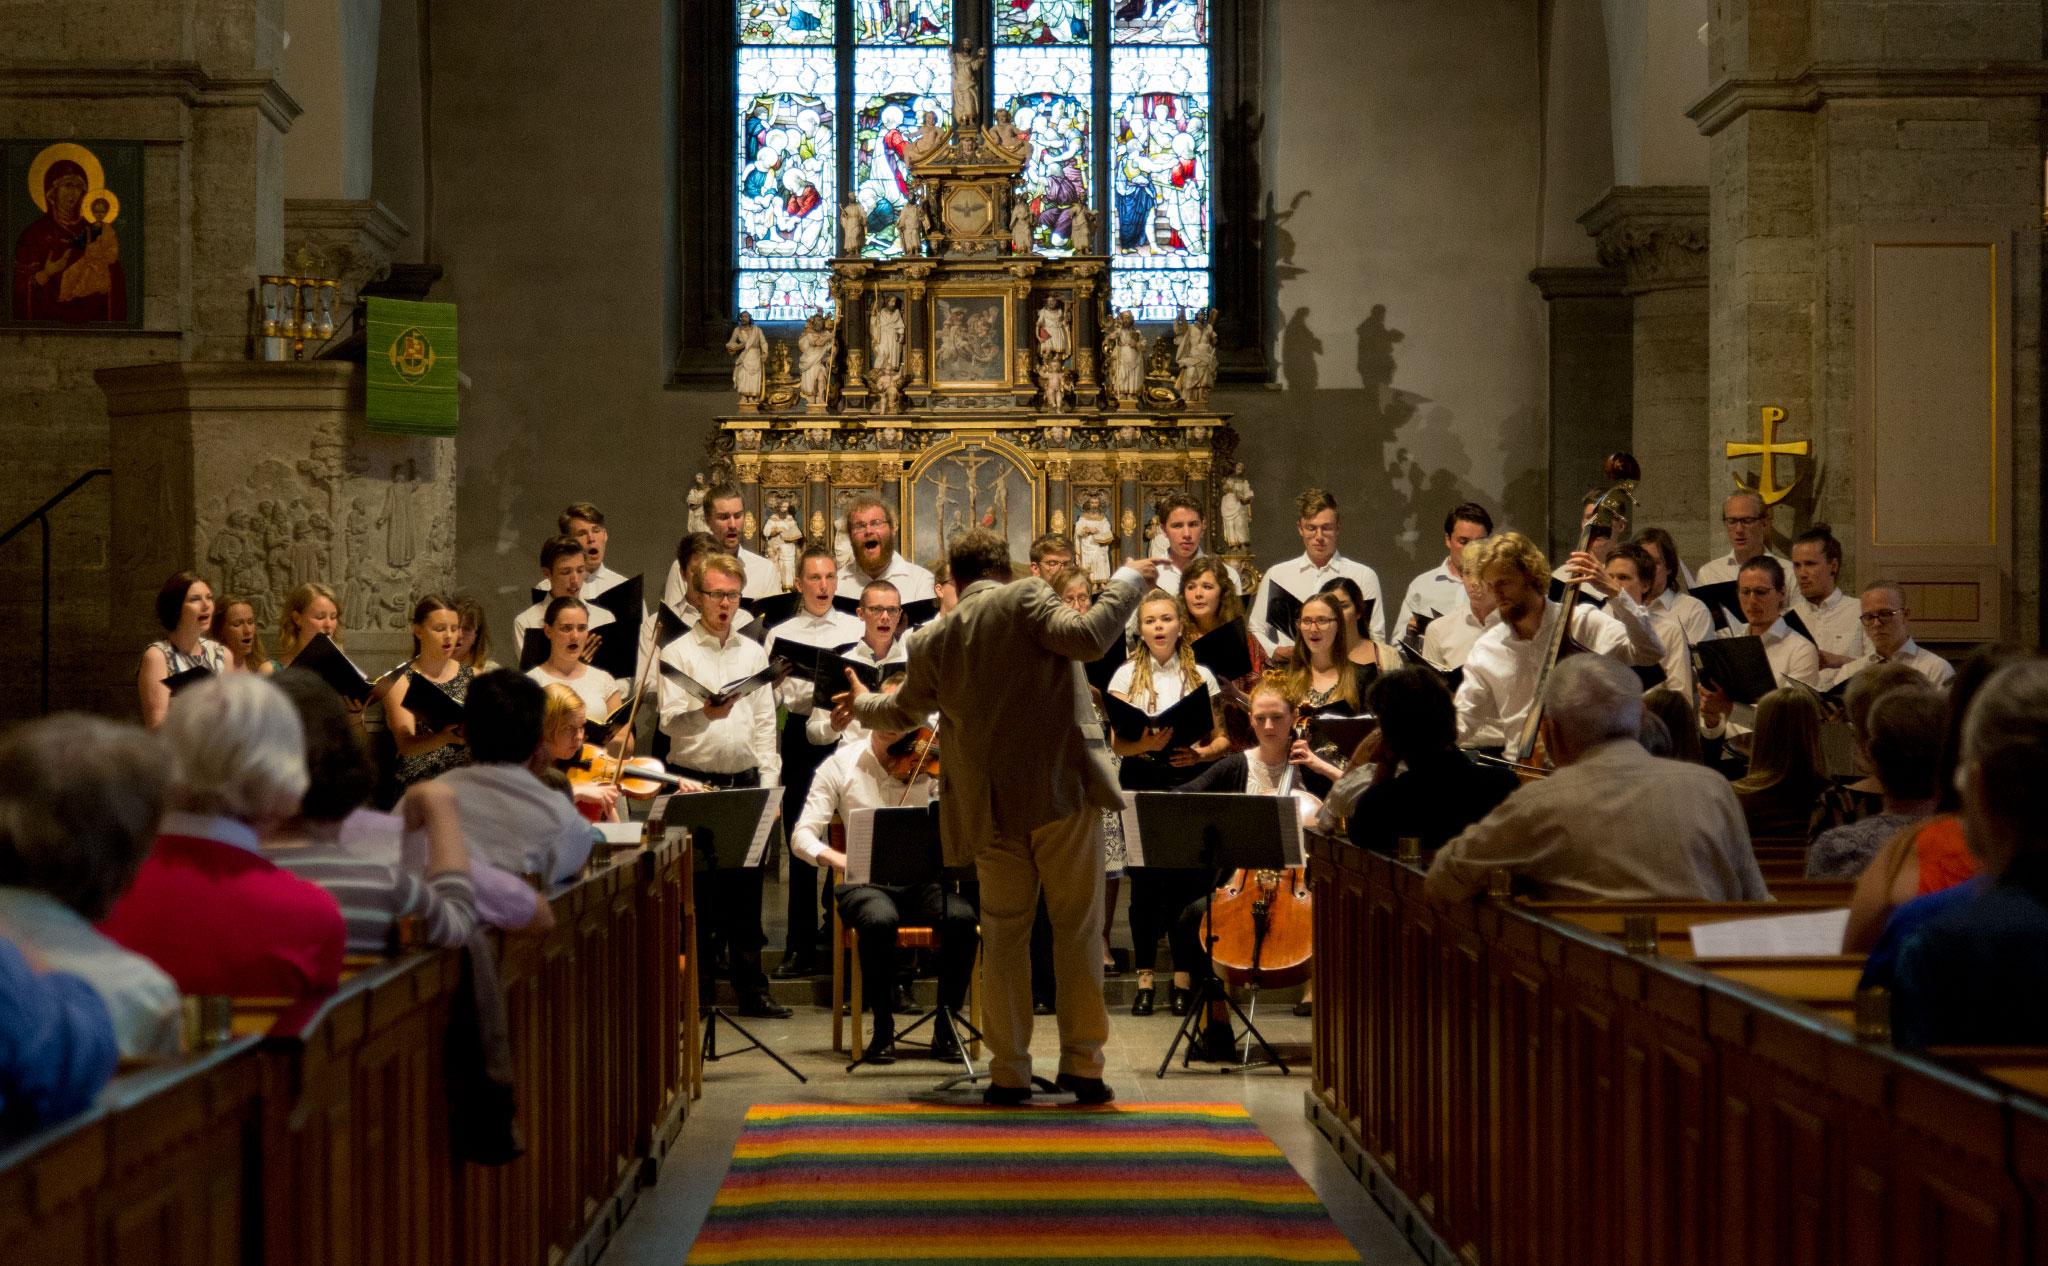 Kör och kammarmusik i S:t Nicolai kyrka 1 juni 2016 - 12